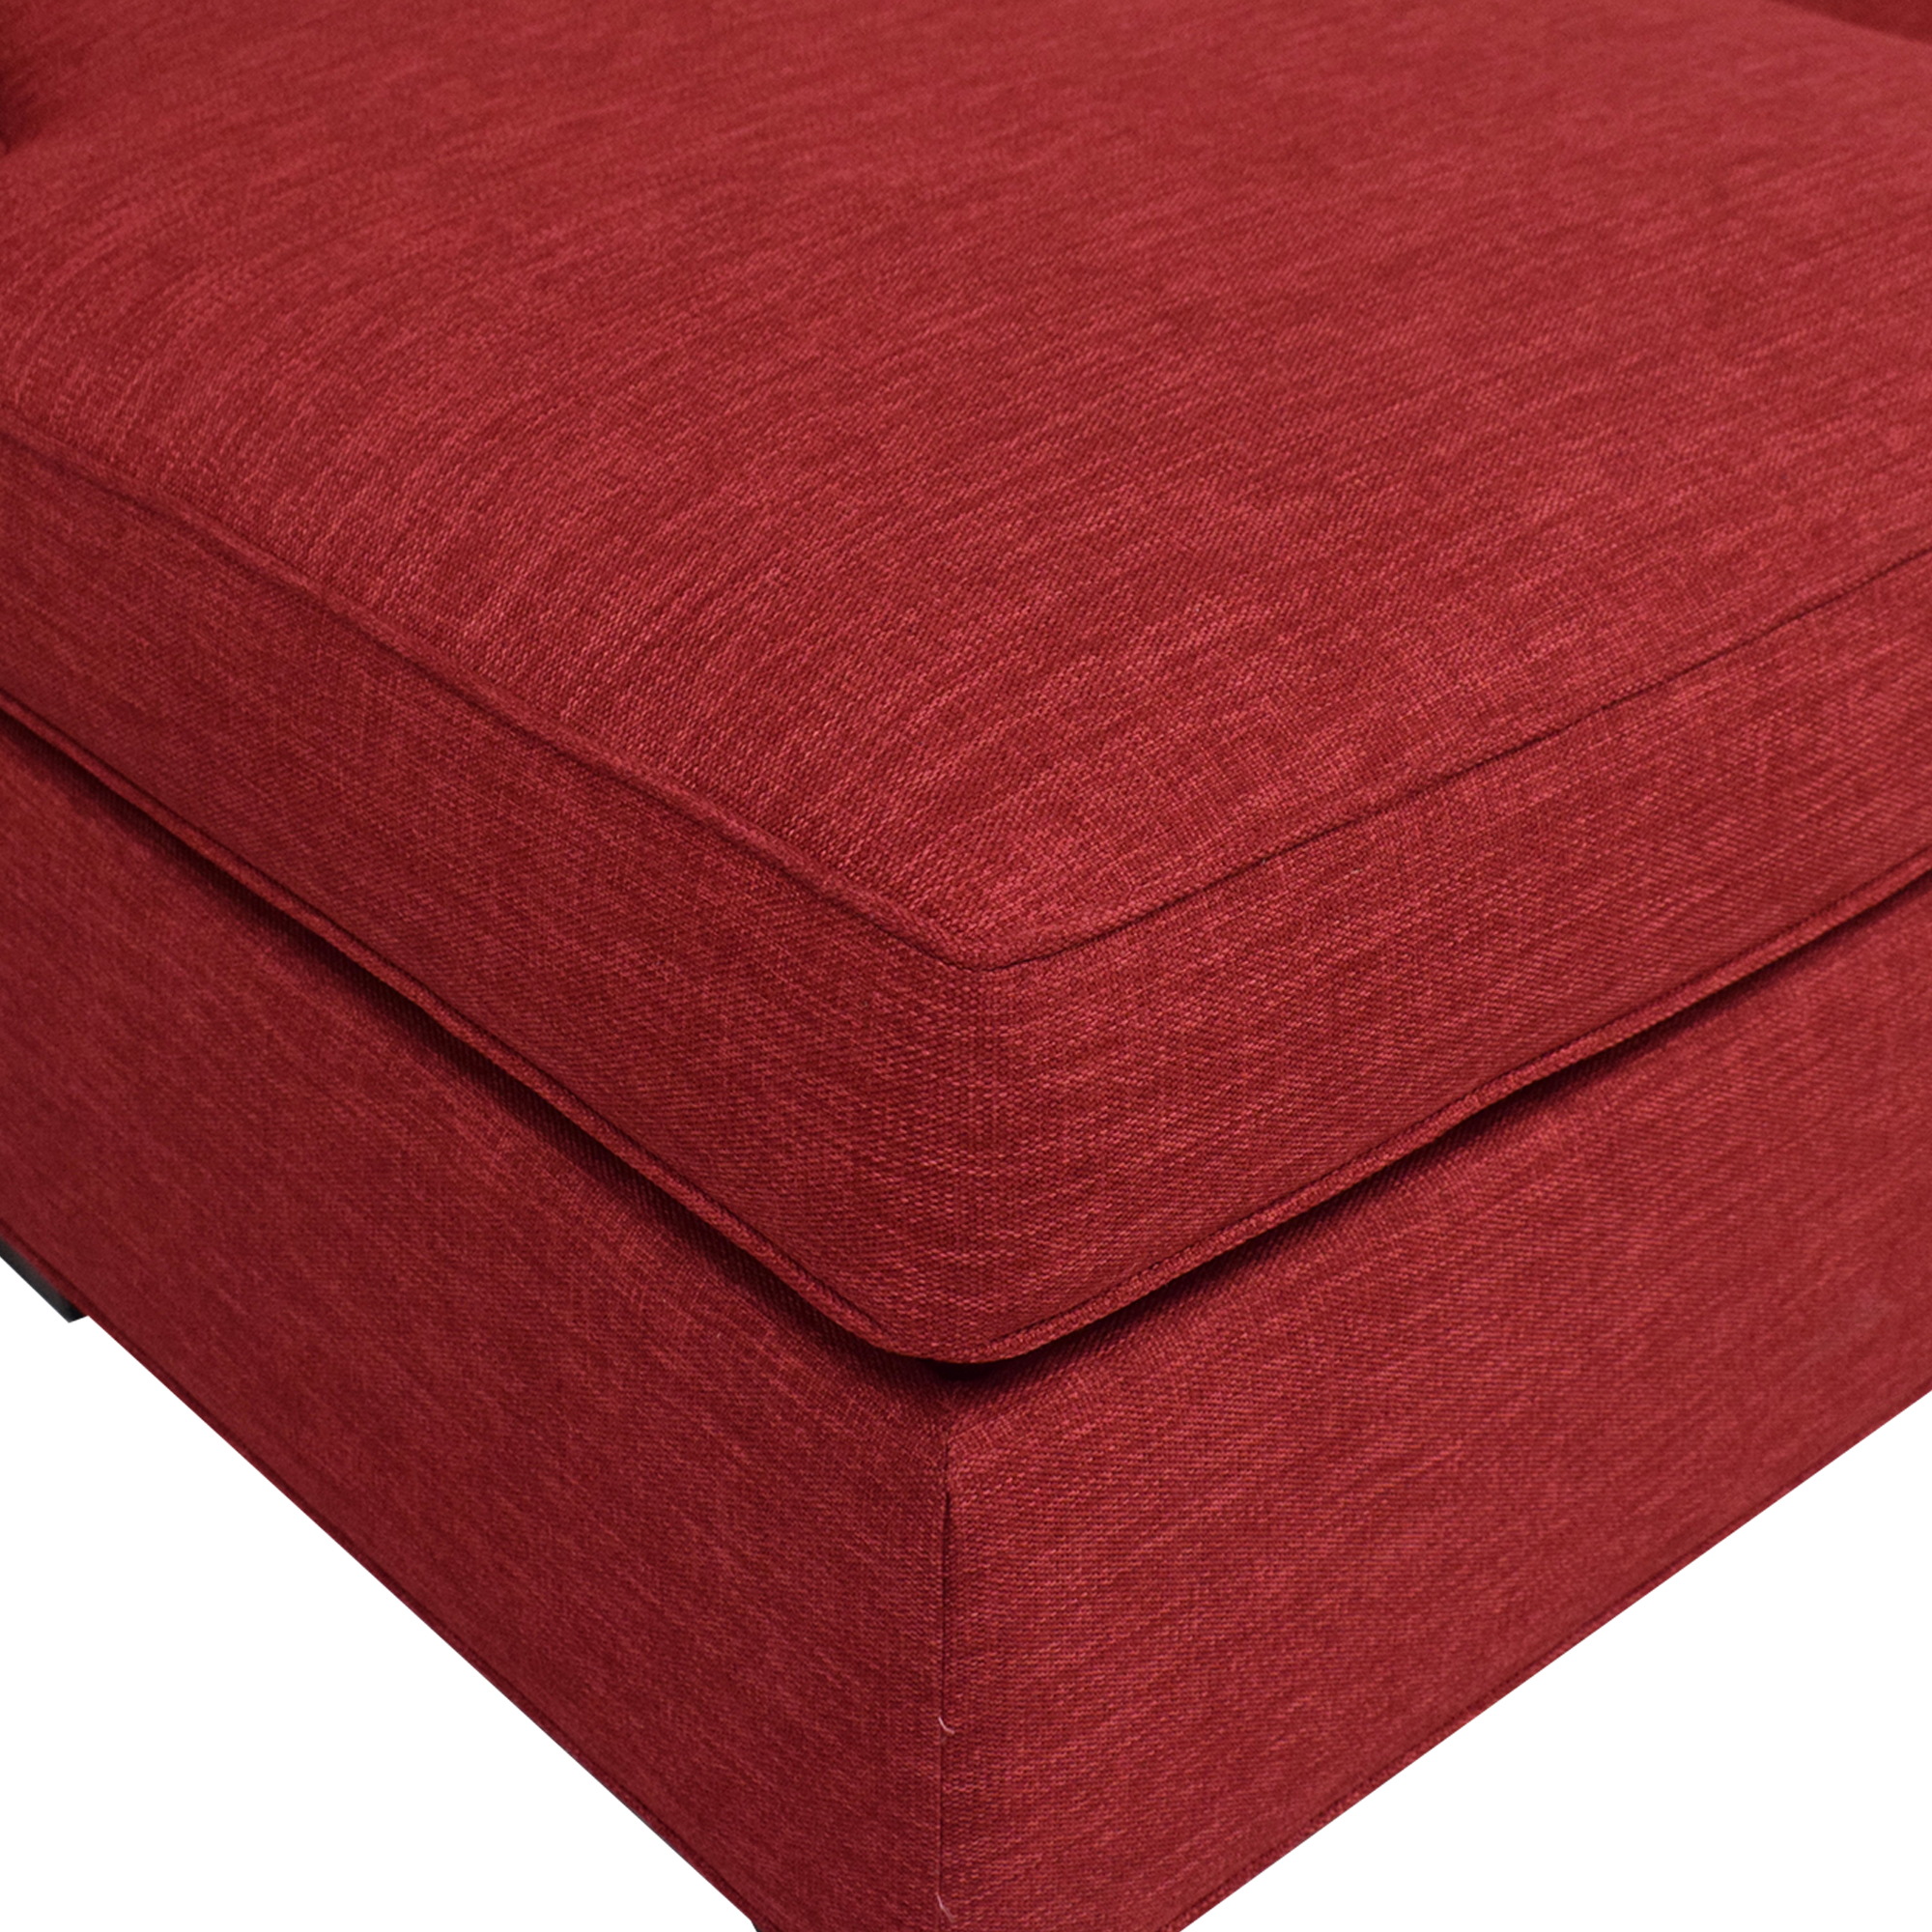 Crate & Barrel Crate & Barrel Davis 3-Seat Lounger Sofa dimensions